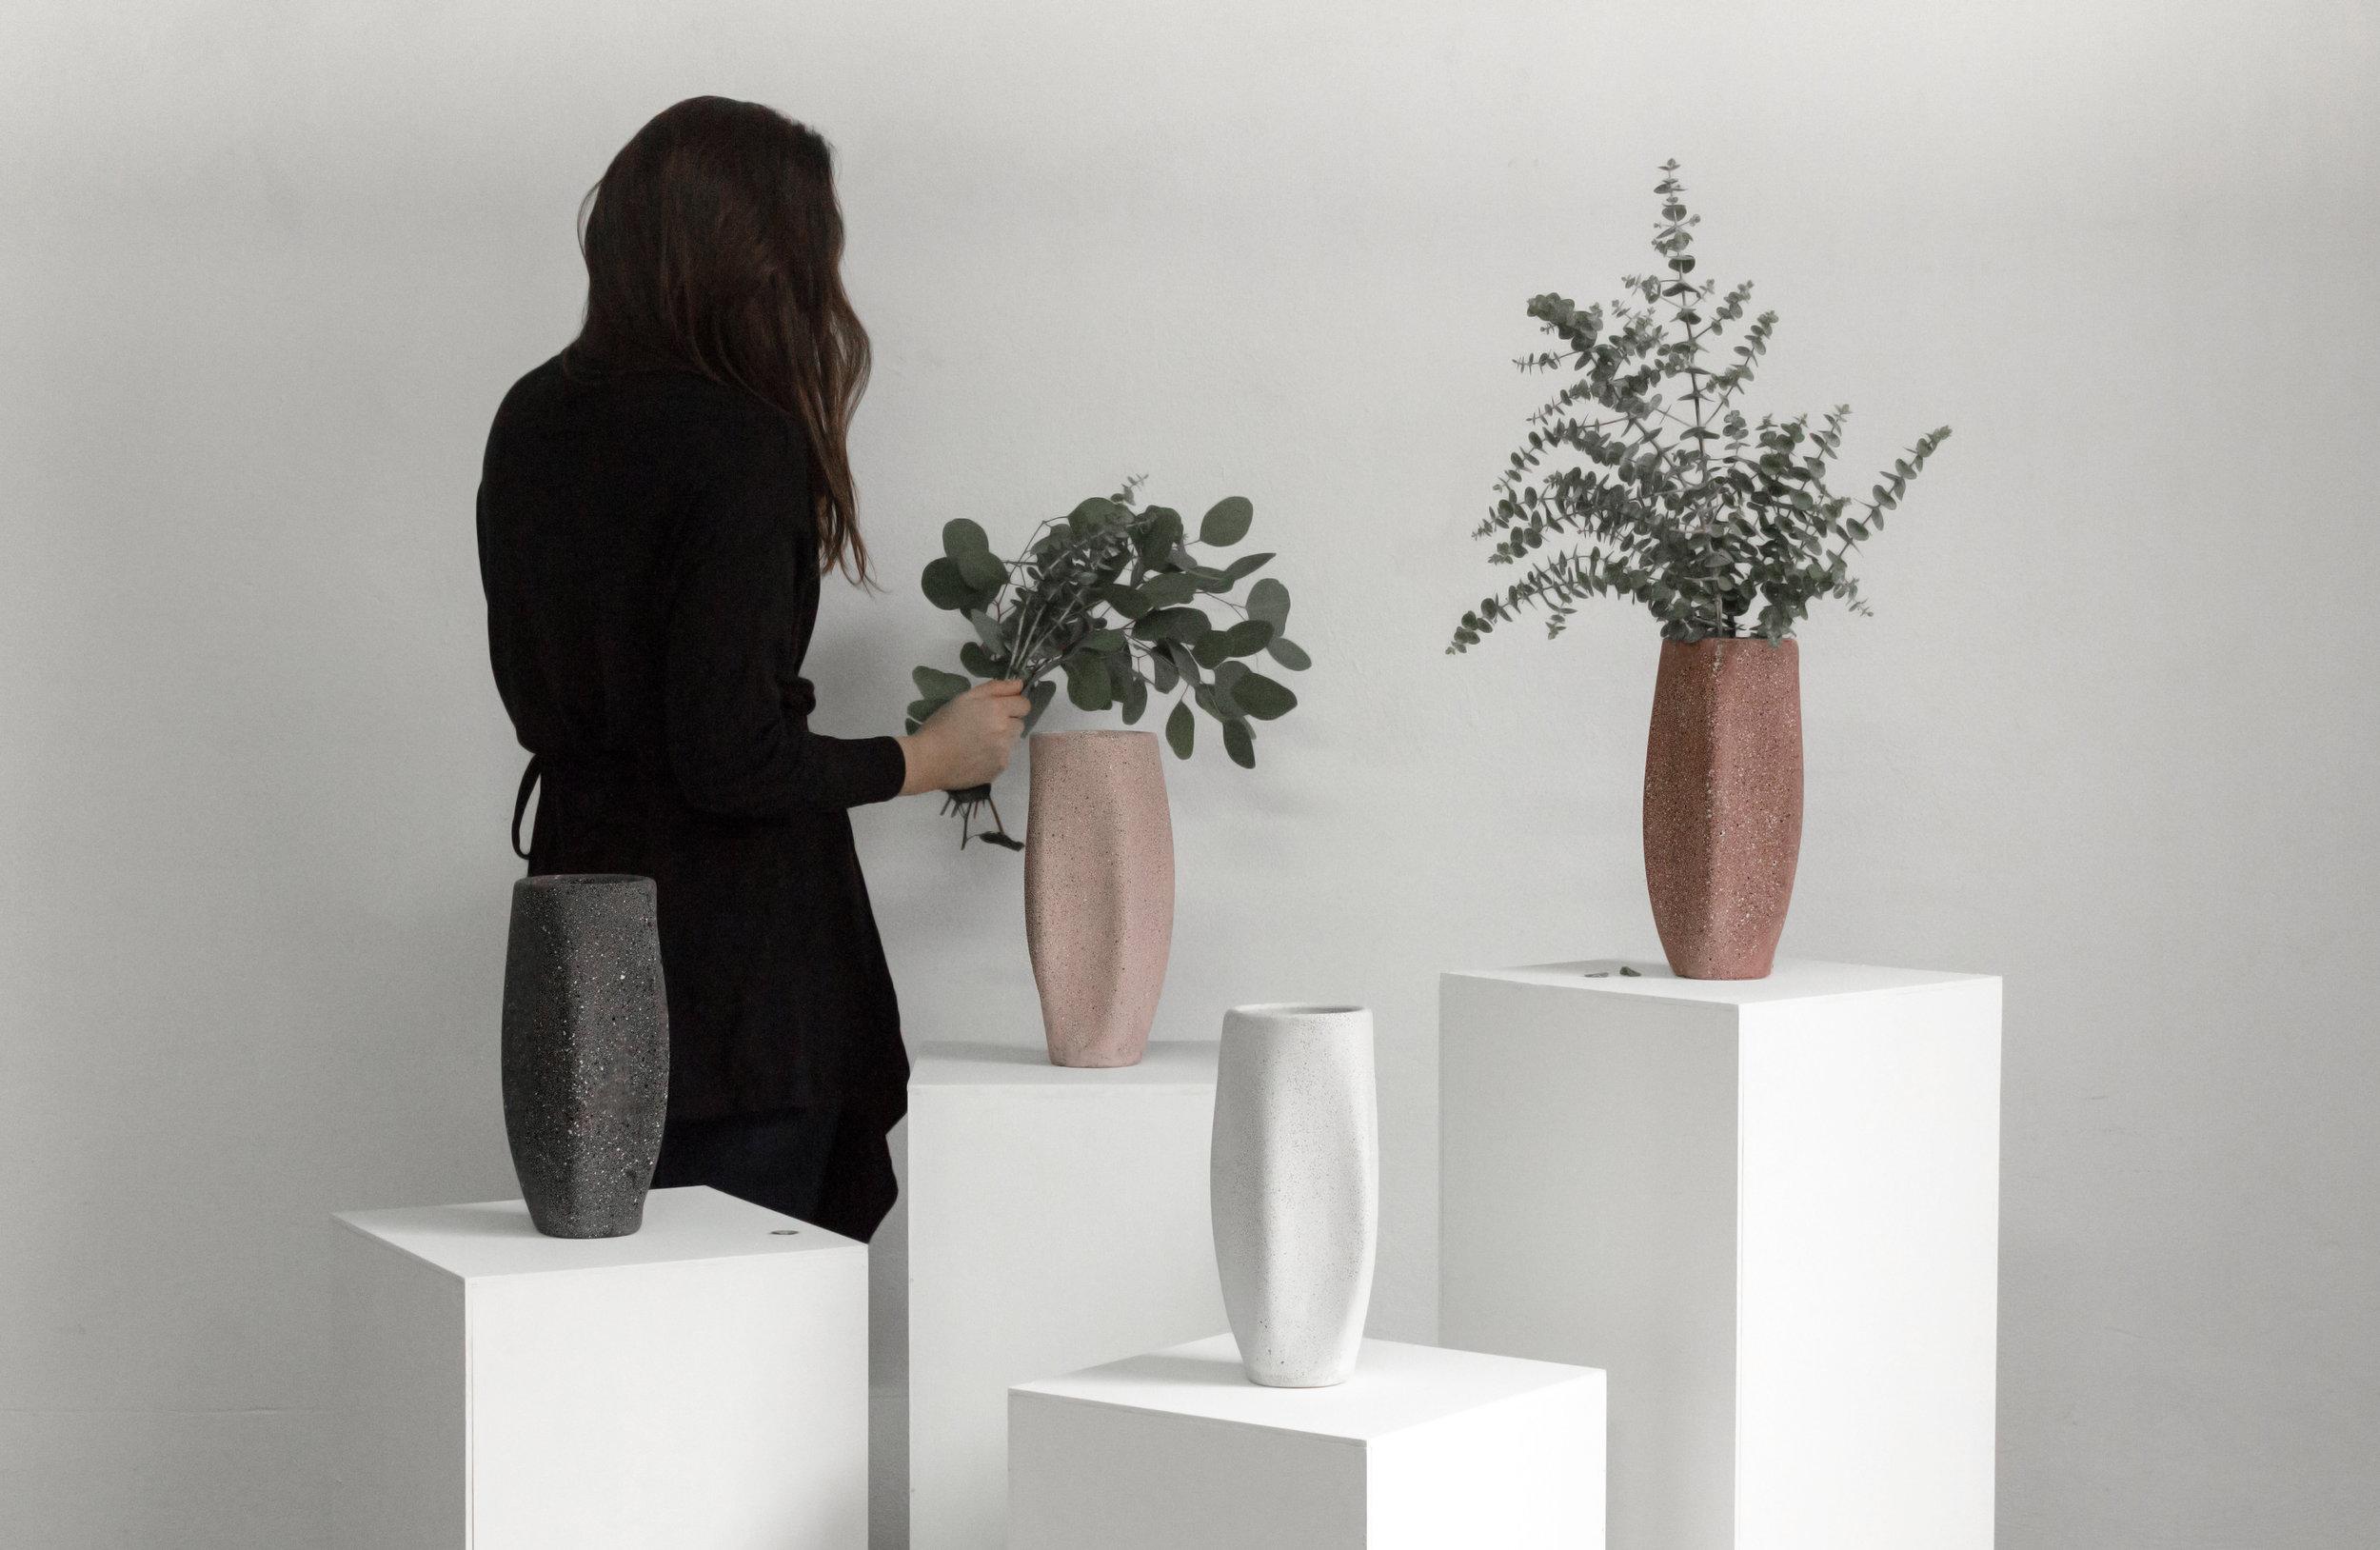 DESIGN WEEK MEXICO    October 2017  Tecnolitico was exhibited at INEDITO in Design Week Mexico @Mexico City.